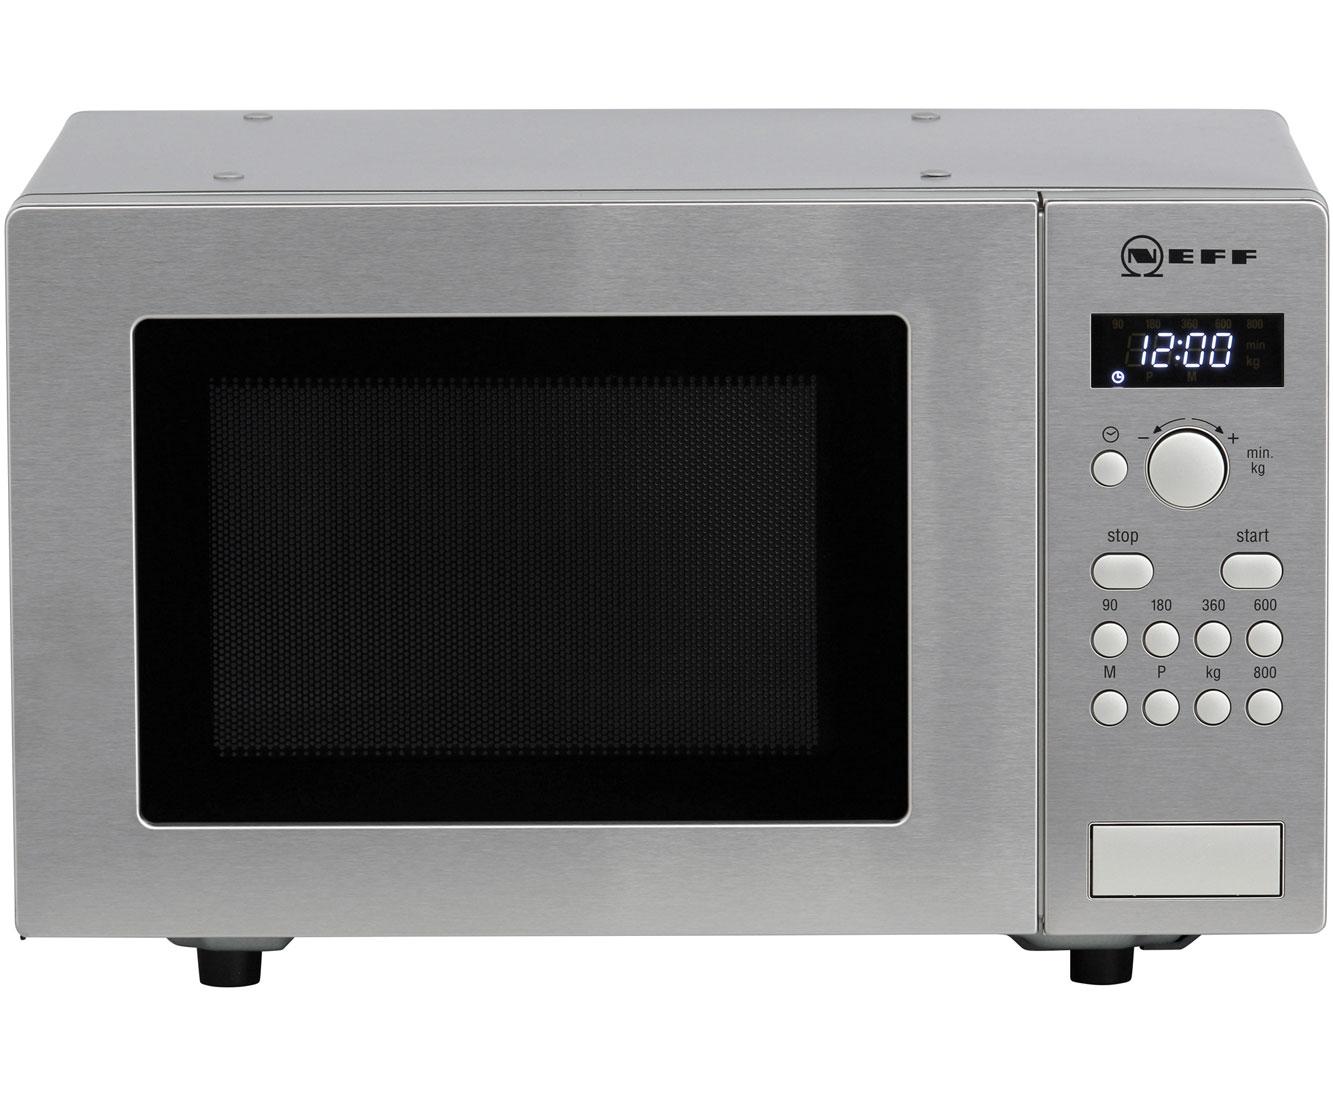 Neff H52W20N3 Mikrowellen - Edelstahl | Küche und Esszimmer > Küchenelektrogeräte > Mikrowellen | Edelstahl | Neff